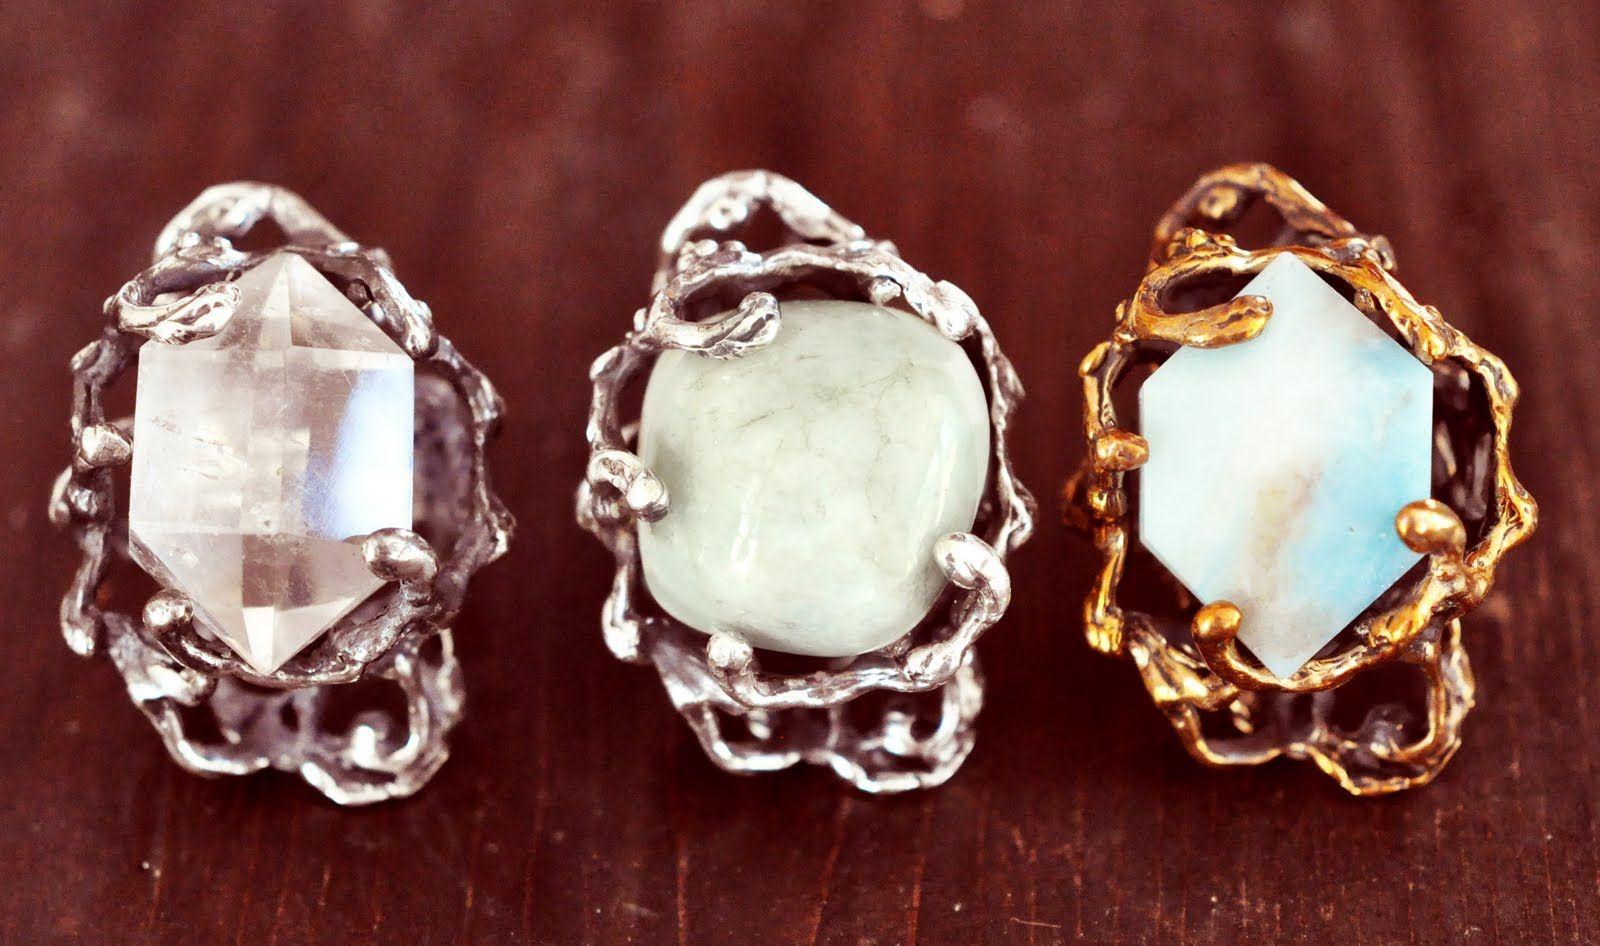 gem stone rings / MANIAMANIA